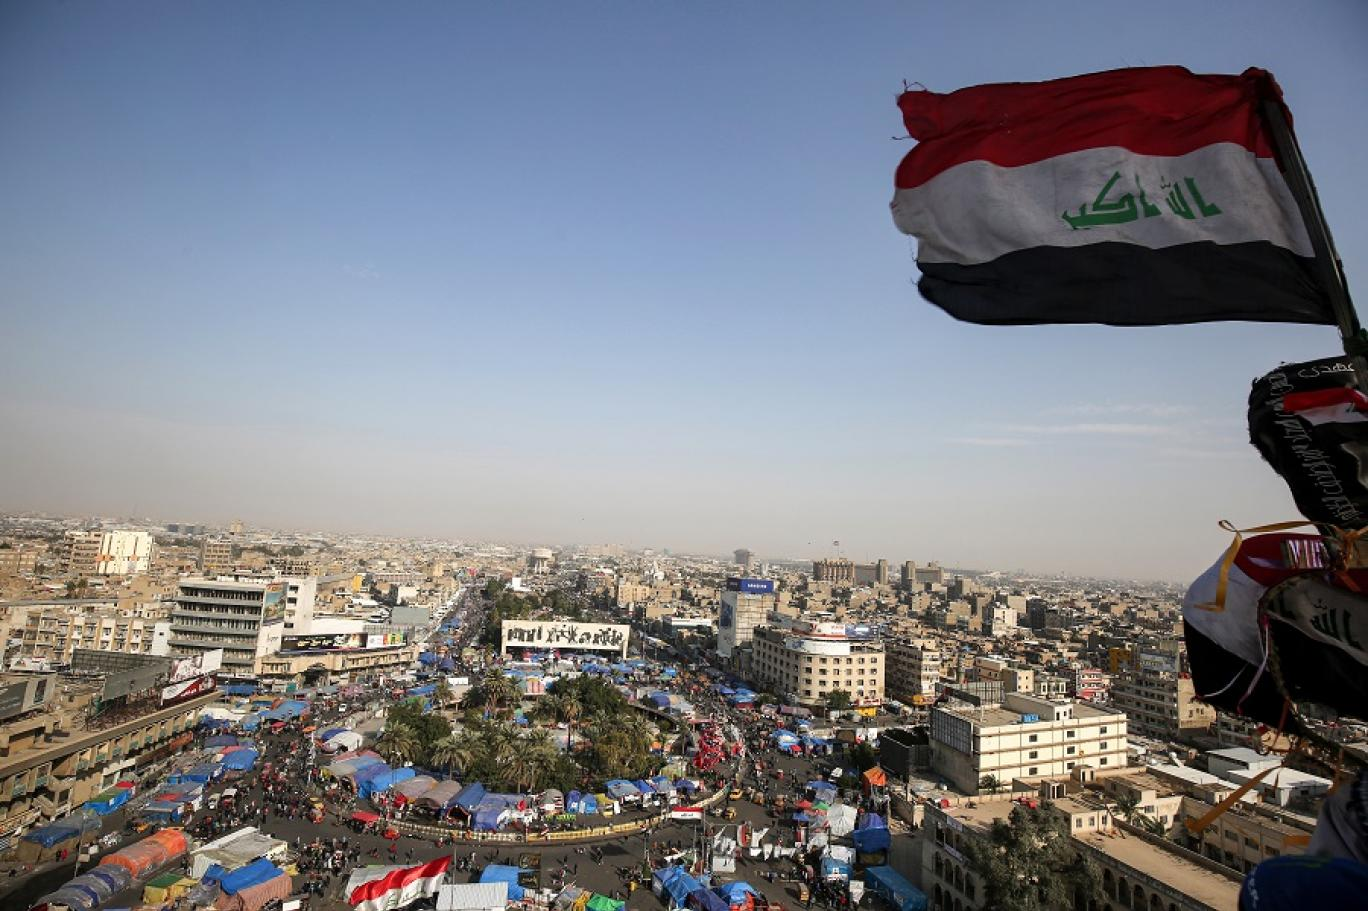 العراق تعتزم بناء 8 مفاعلات نووية